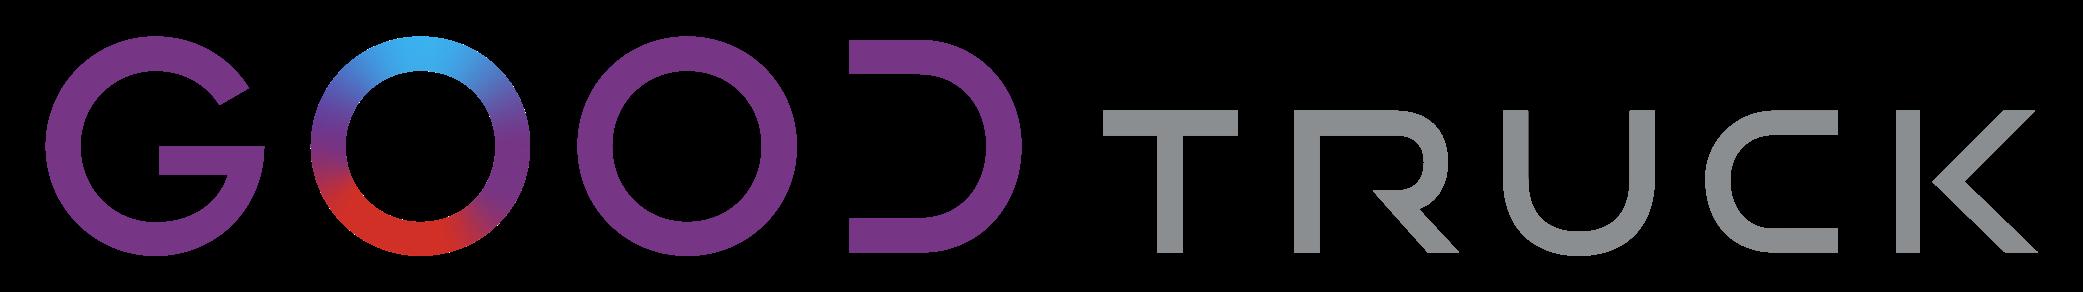 Logo Good Truck scritta completo